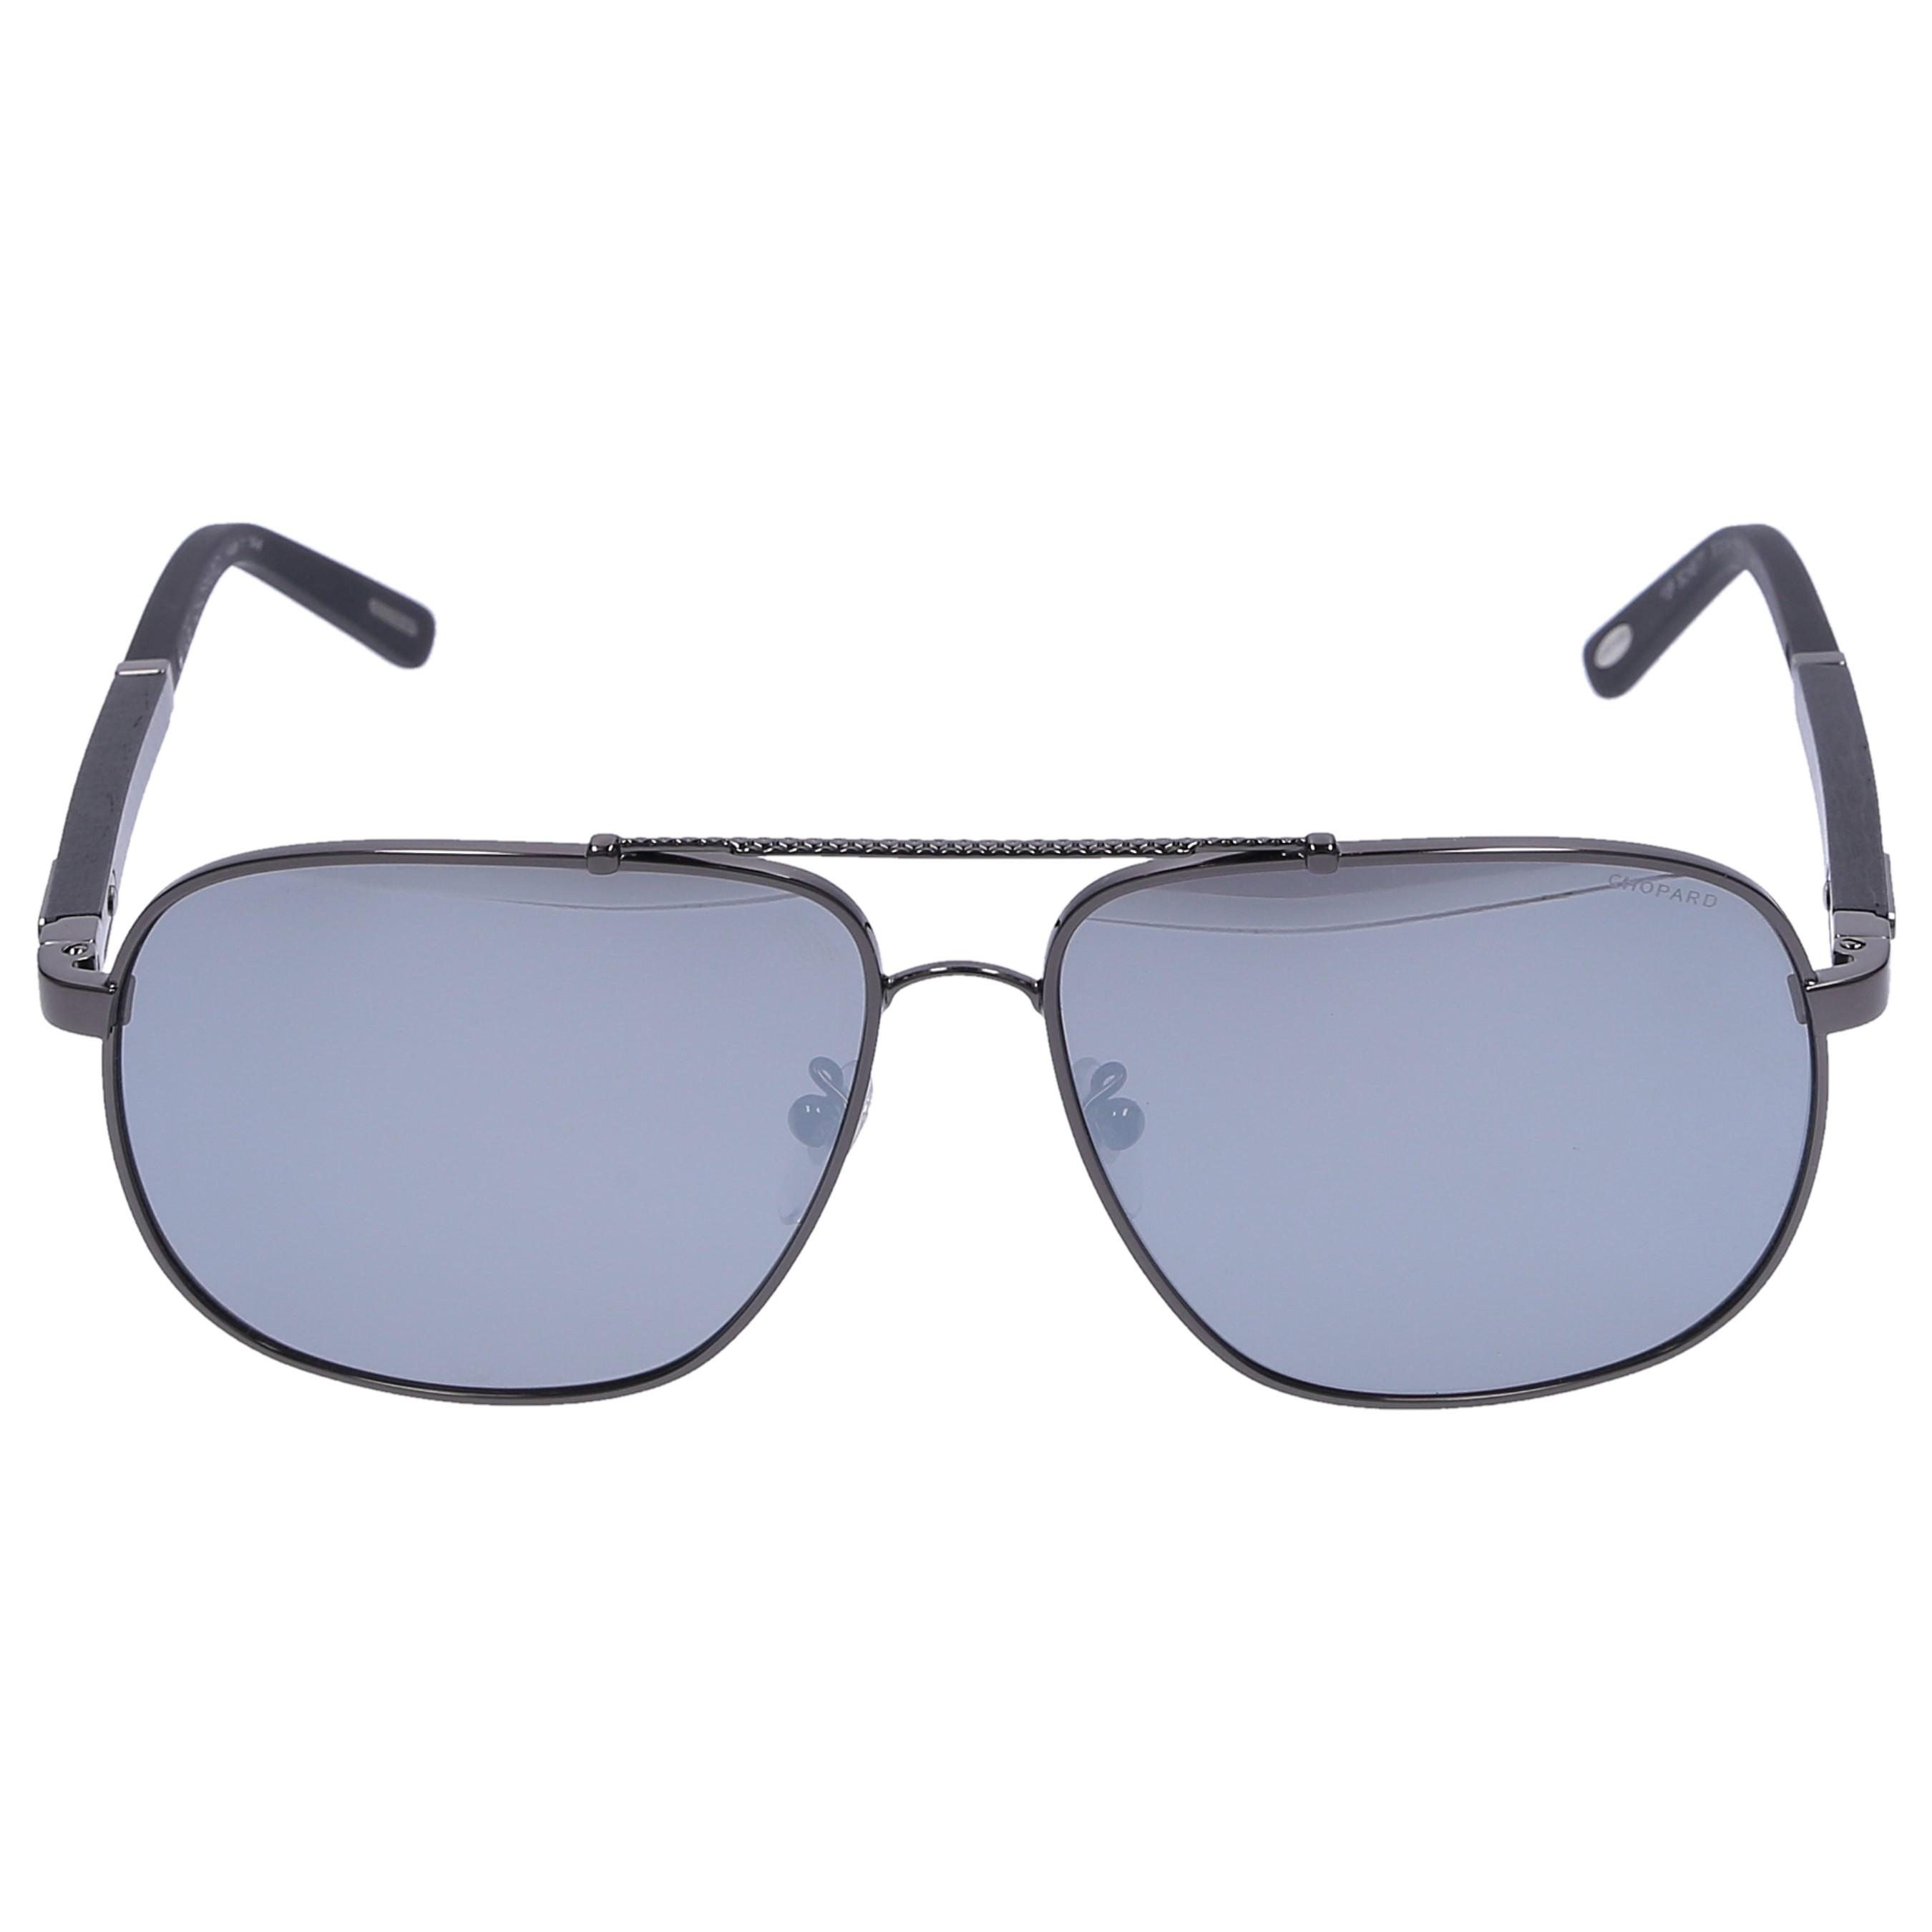 Chopard Sonnenbrille Aviator B77 300P Verspiegelt Carbon Metall schwarz